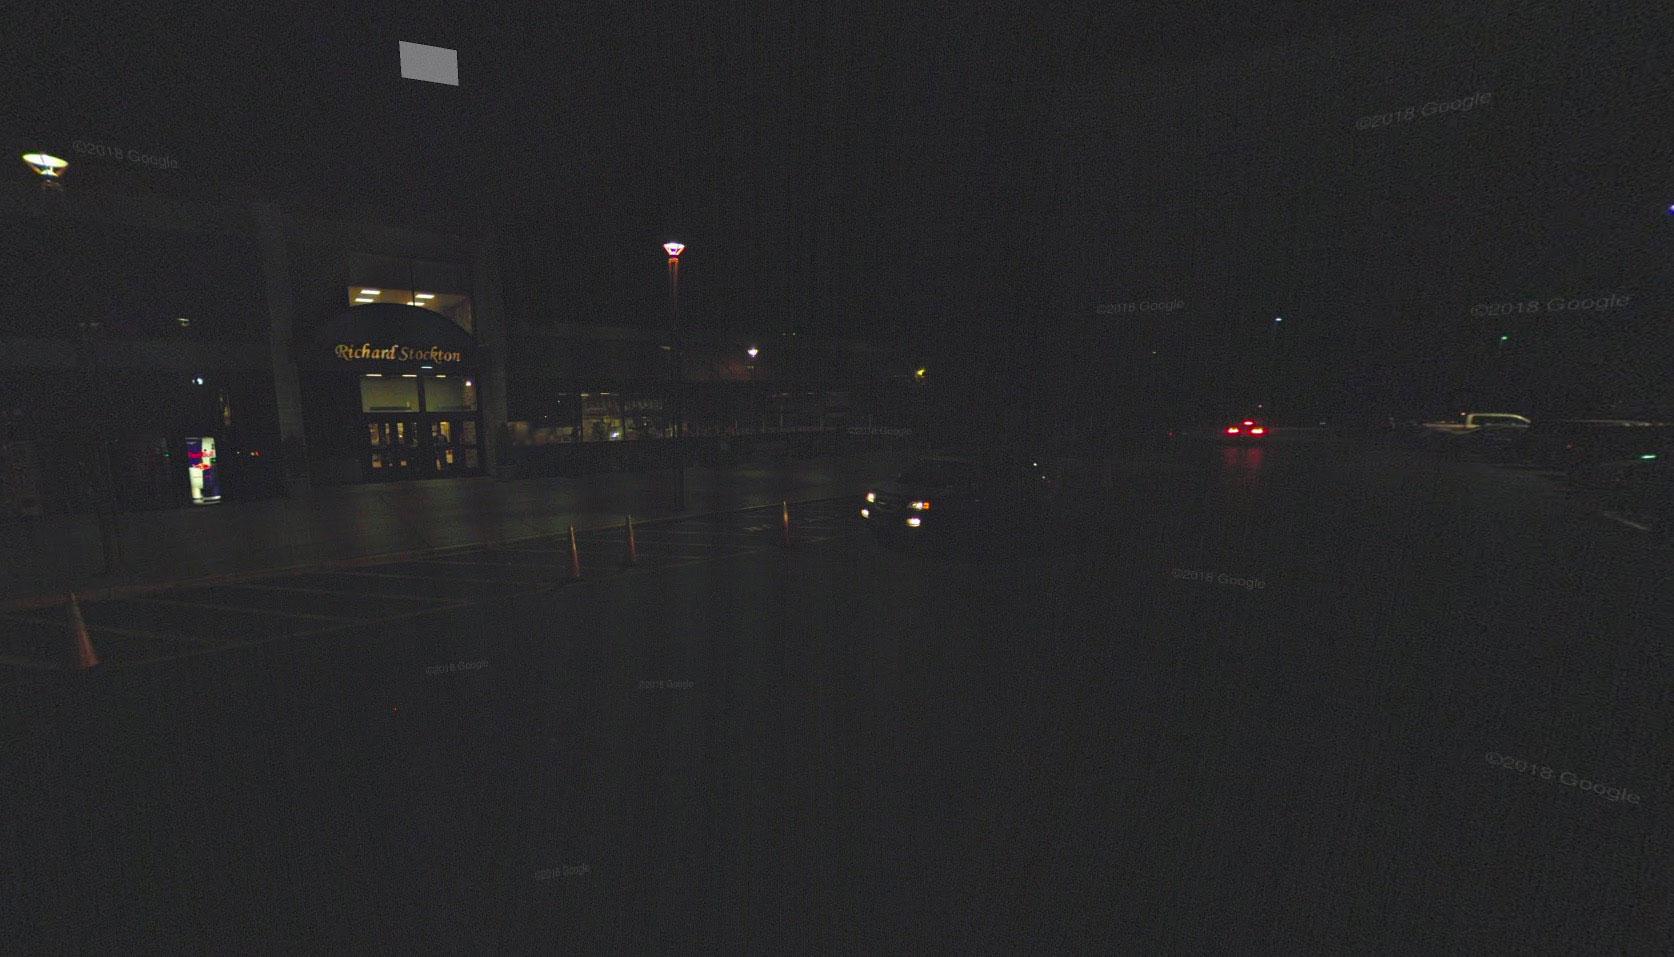 Google Street View plongé dans le noir, cela n'arrive pas tous les jours